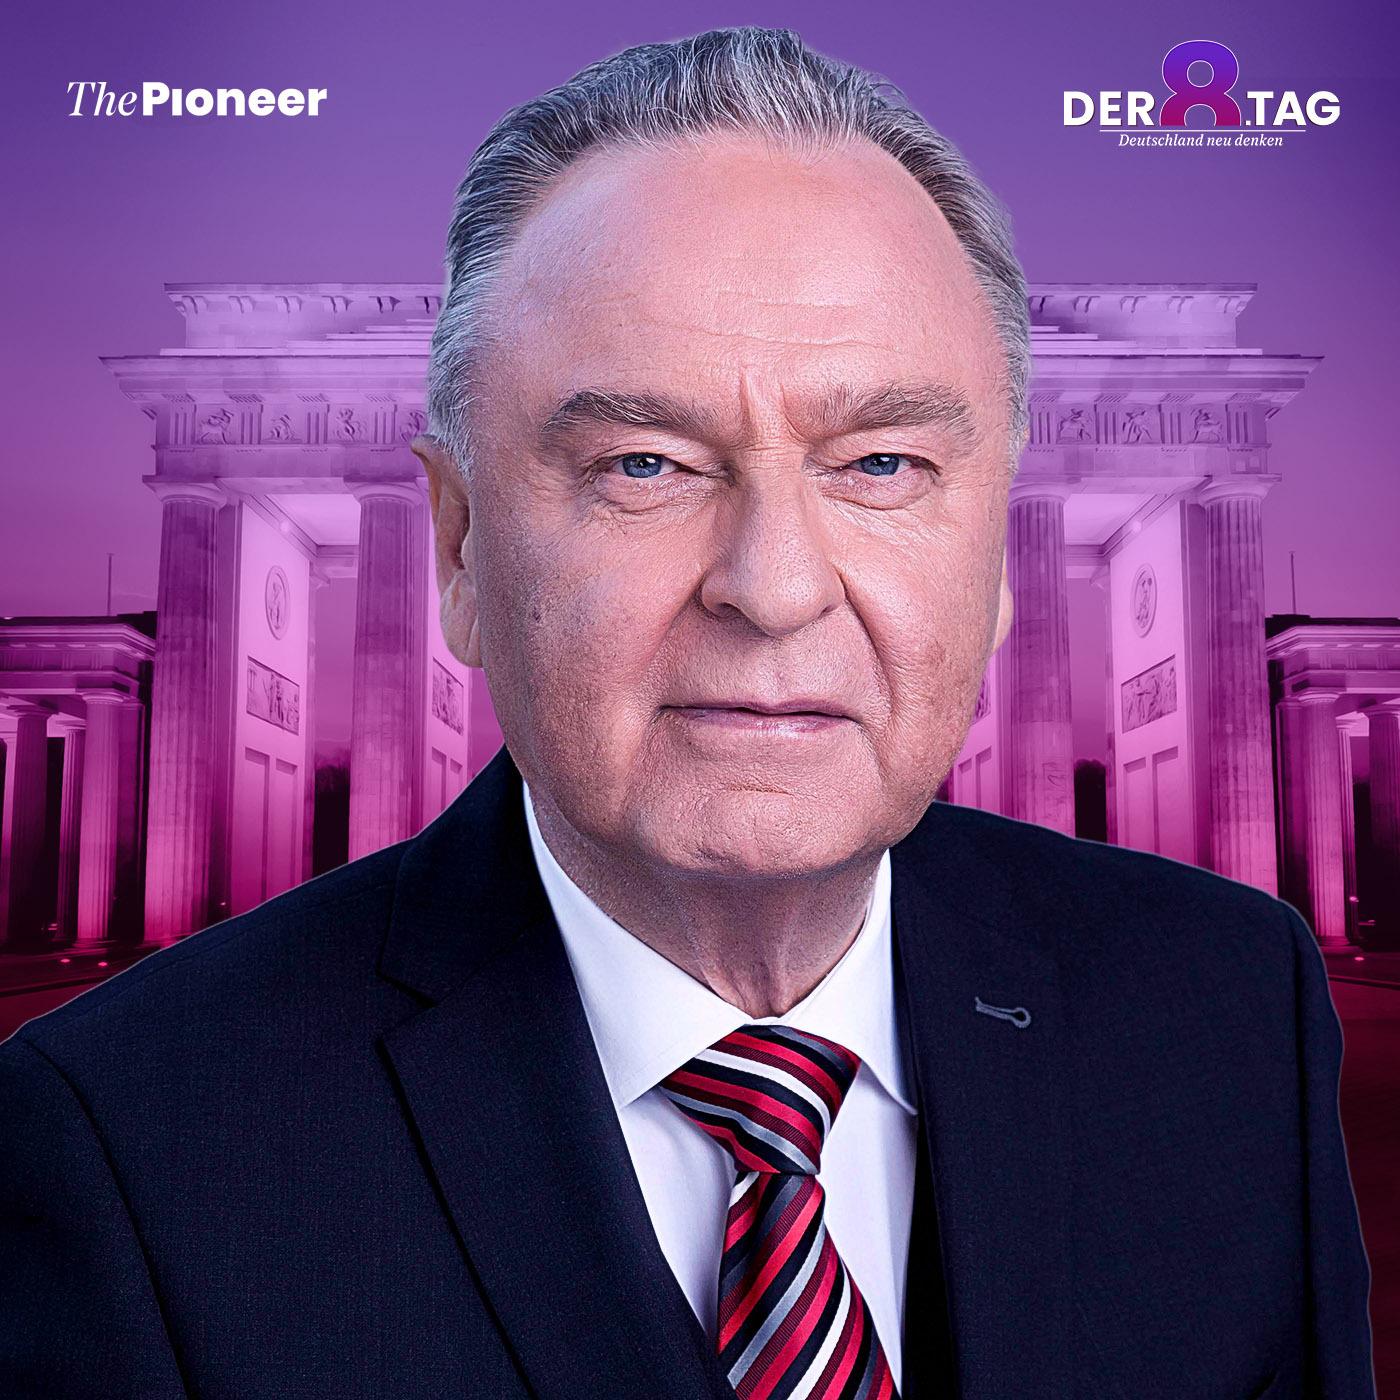 Der achte Tag #50 - Prof. Dr. Hans-Jürgen Papier: Demokratie und Rechtsstaatlichkeit krisenfest machen